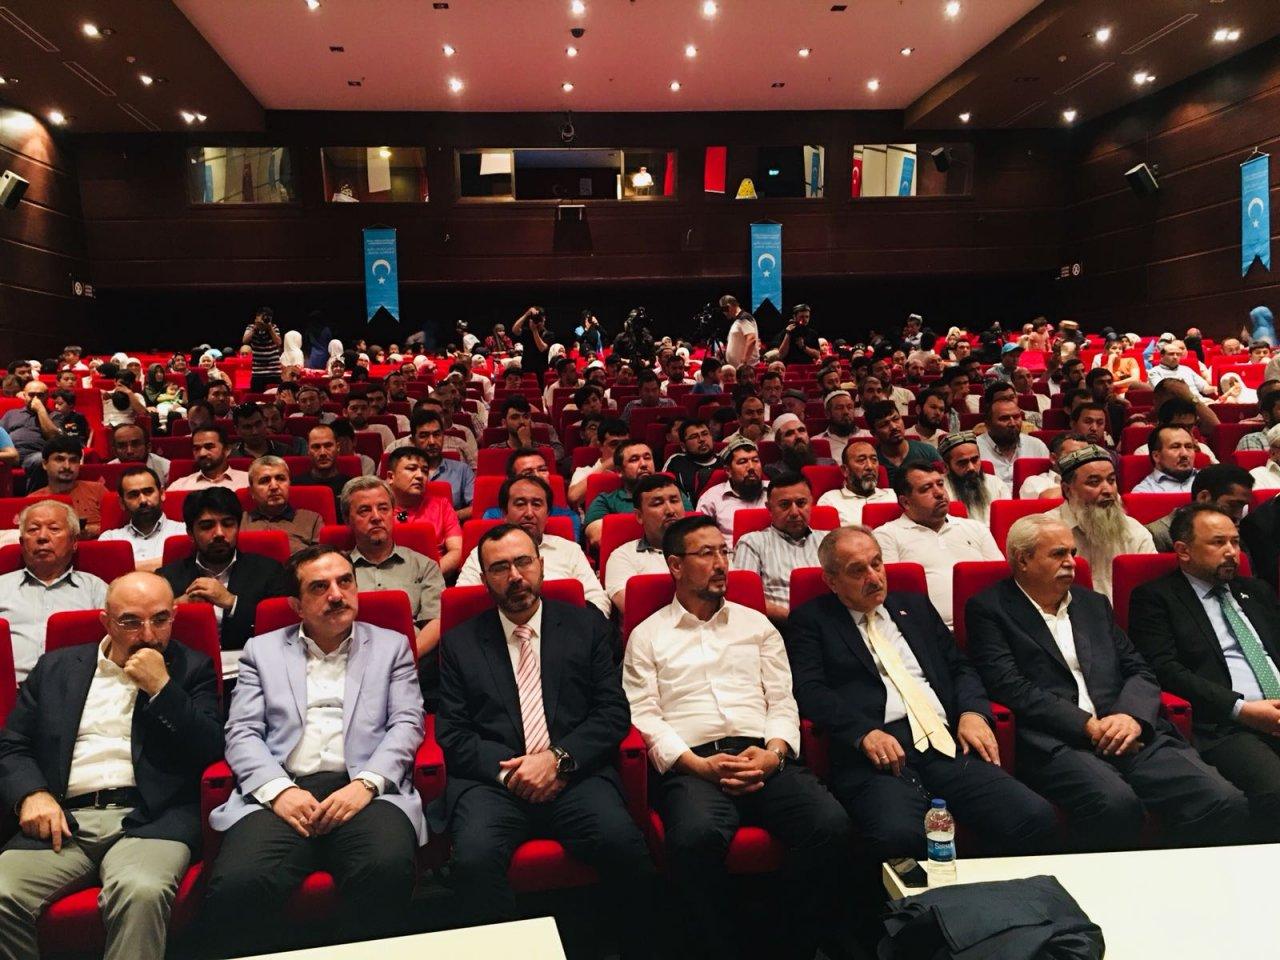 opt-ab91d363-1d5c-466f-a58c-5aa357359fc5-KQ8A4I4OIAYQM6ARLOGC 10. Dünya Doğu Türkistanlılar Kardeşlik Buluşması gerçekleşti